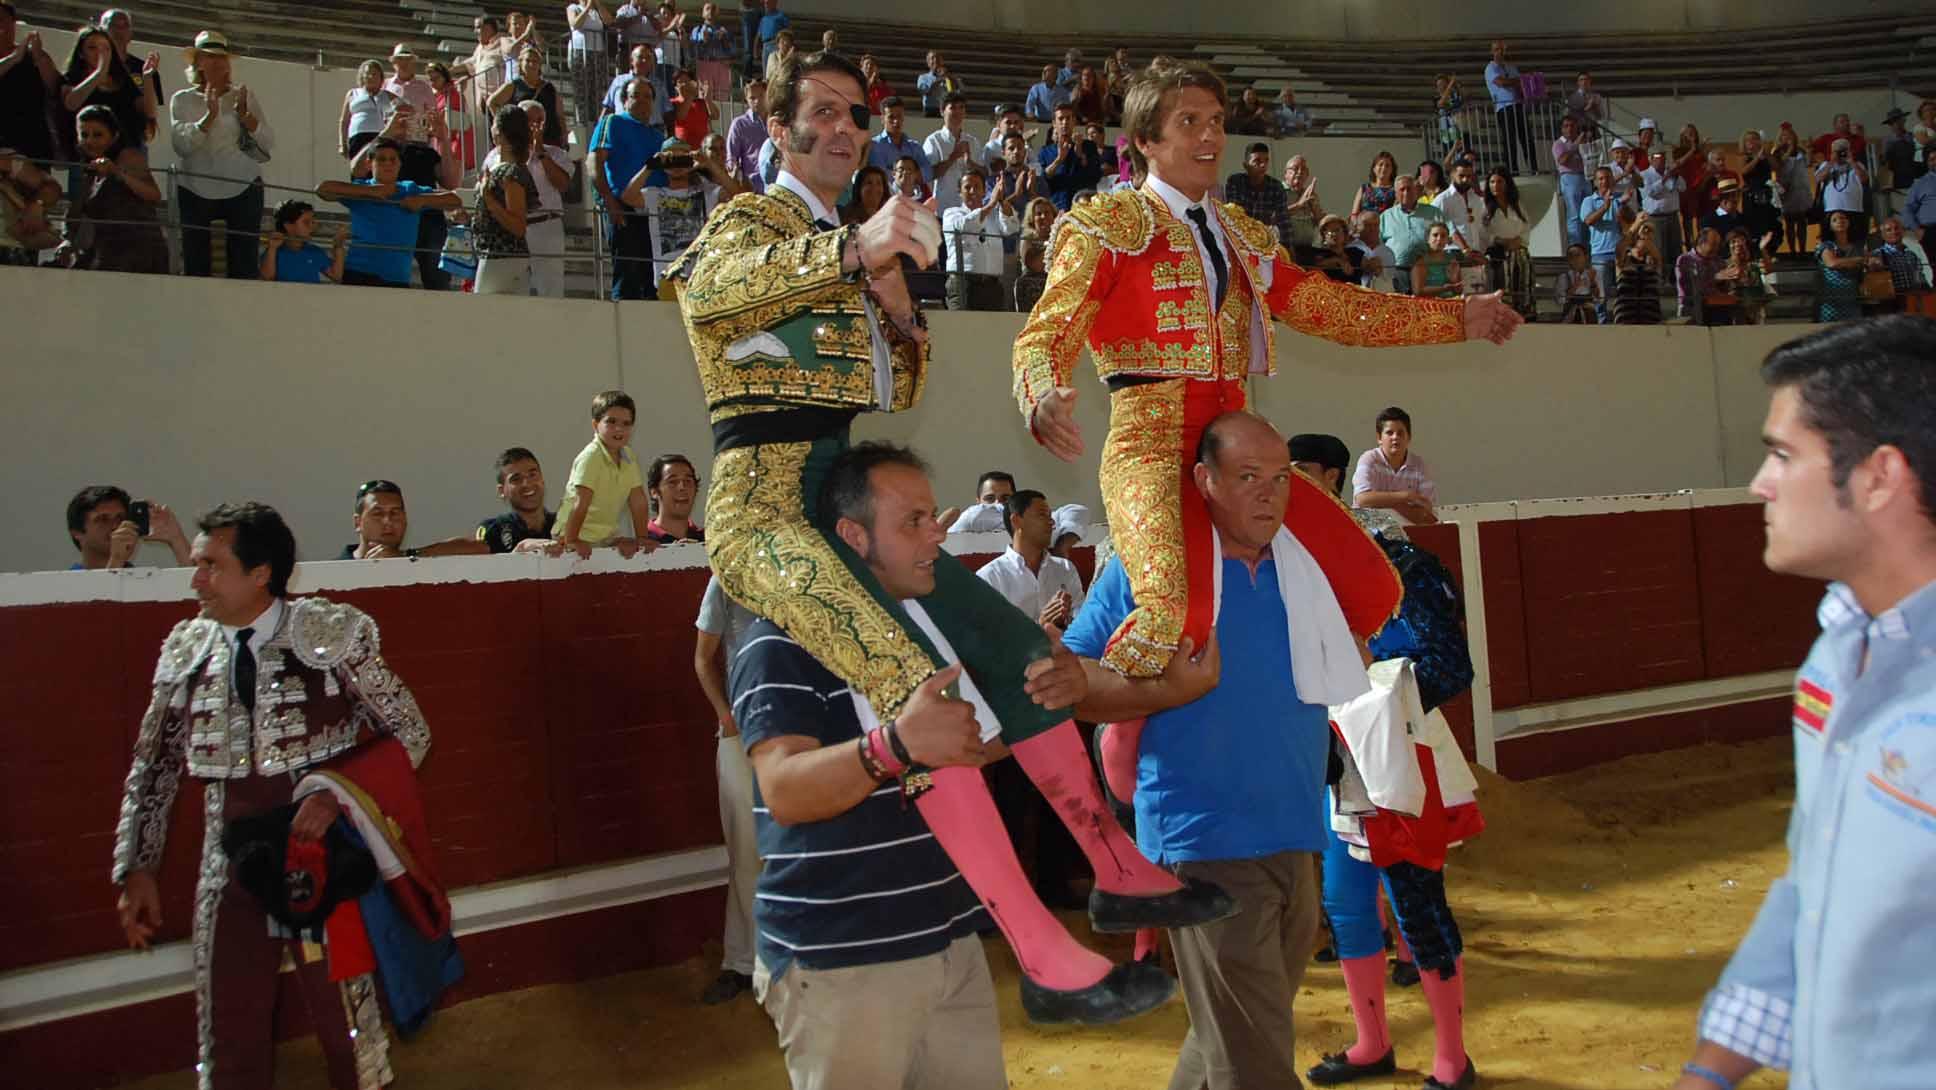 Padilla junto a El Cordobés en un festejo celebrado en Utrera/ J.M. Brazo Mena